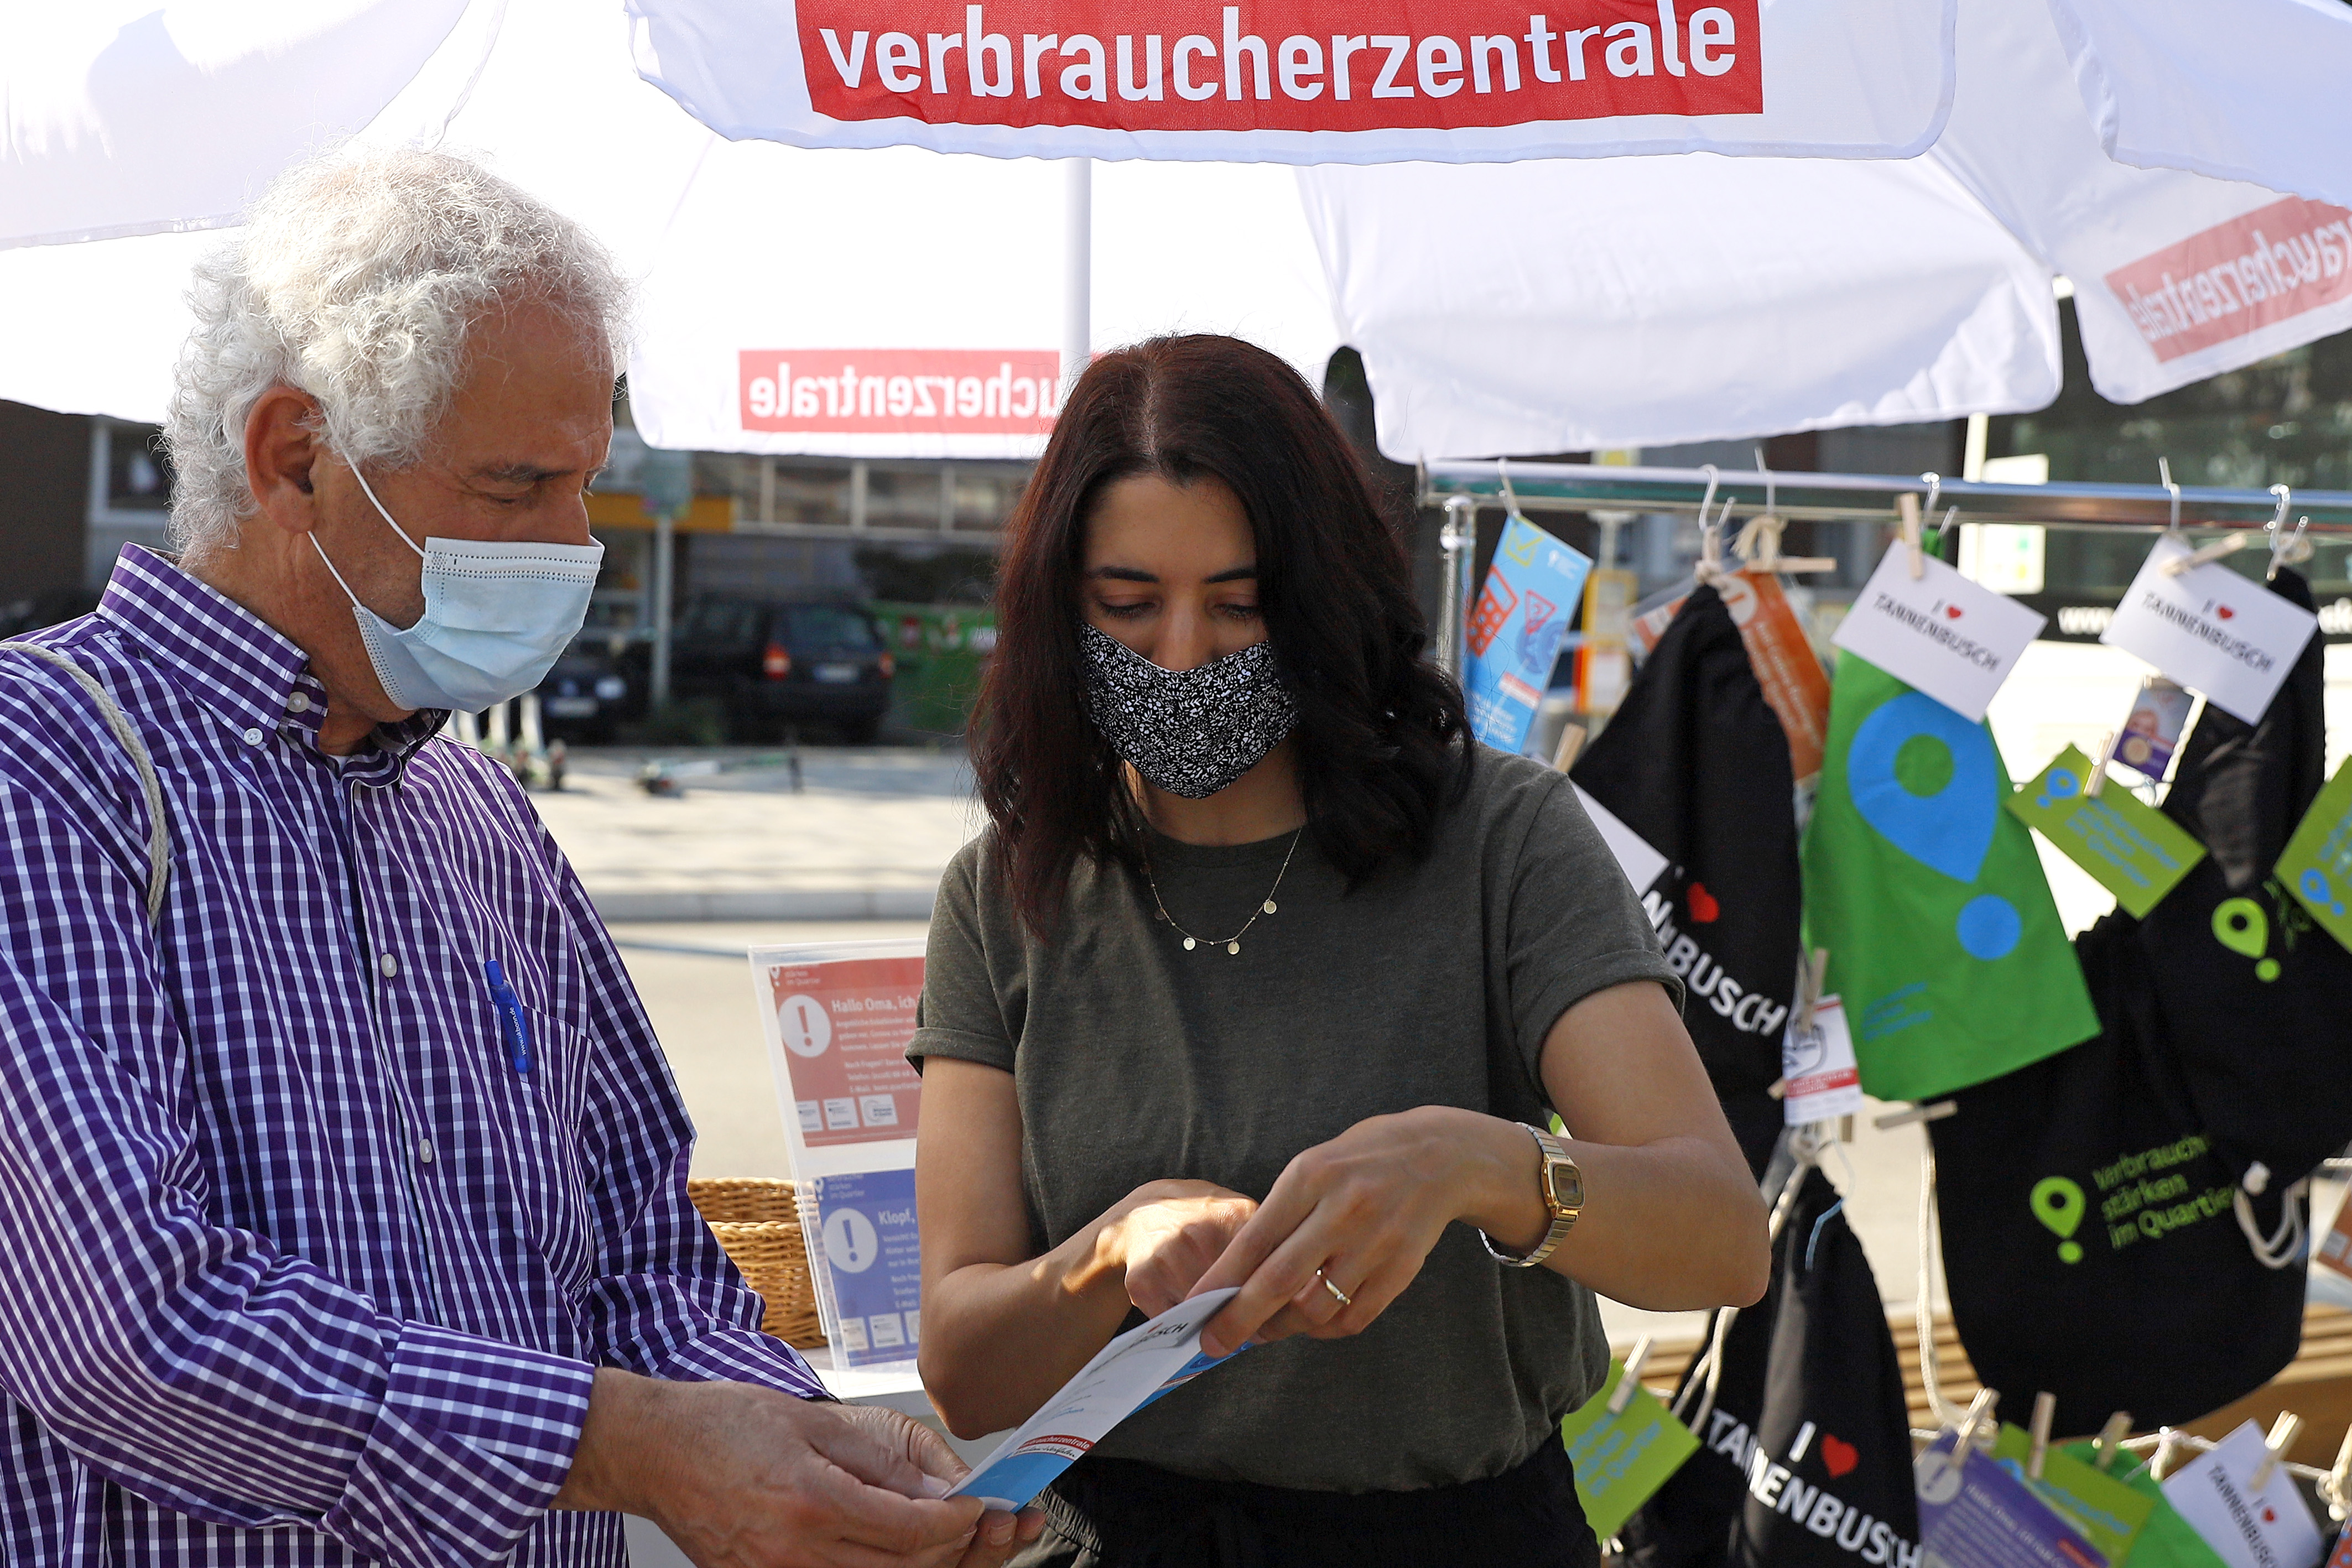 Eine junge Frau zeigt einem älteren Herren einen Flyer.